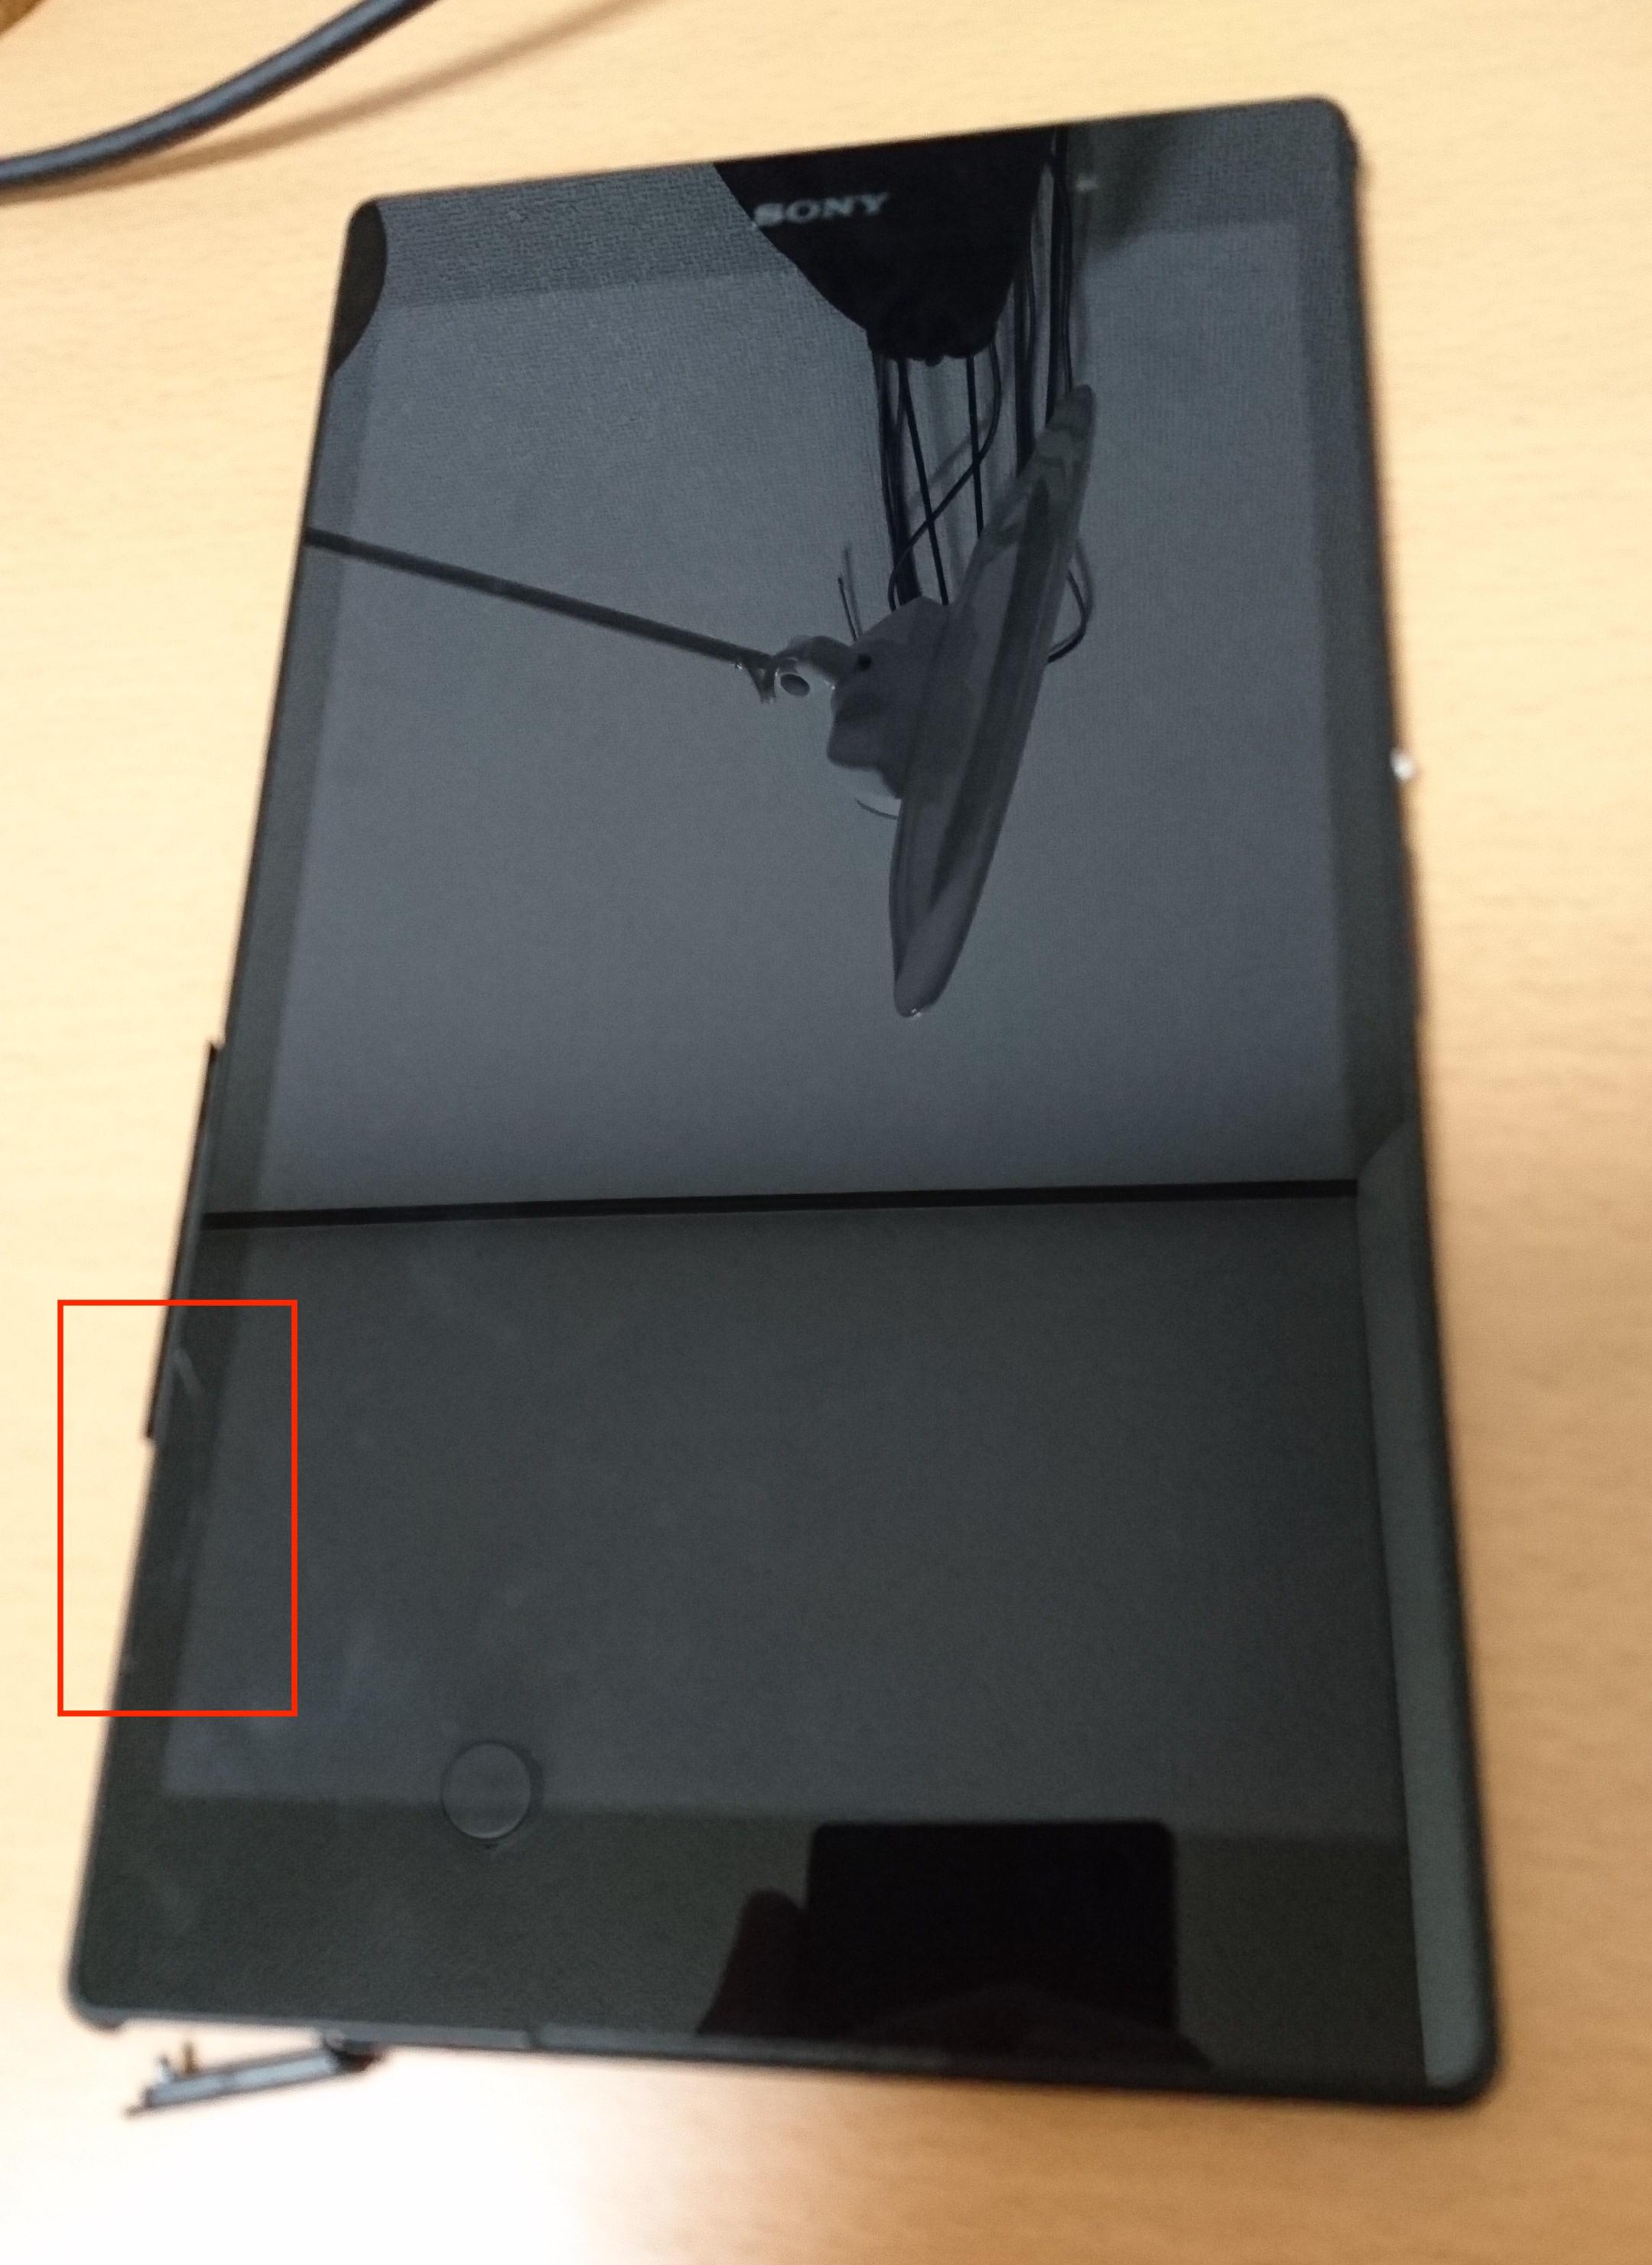 赤枠で囲った部分が破損箇所